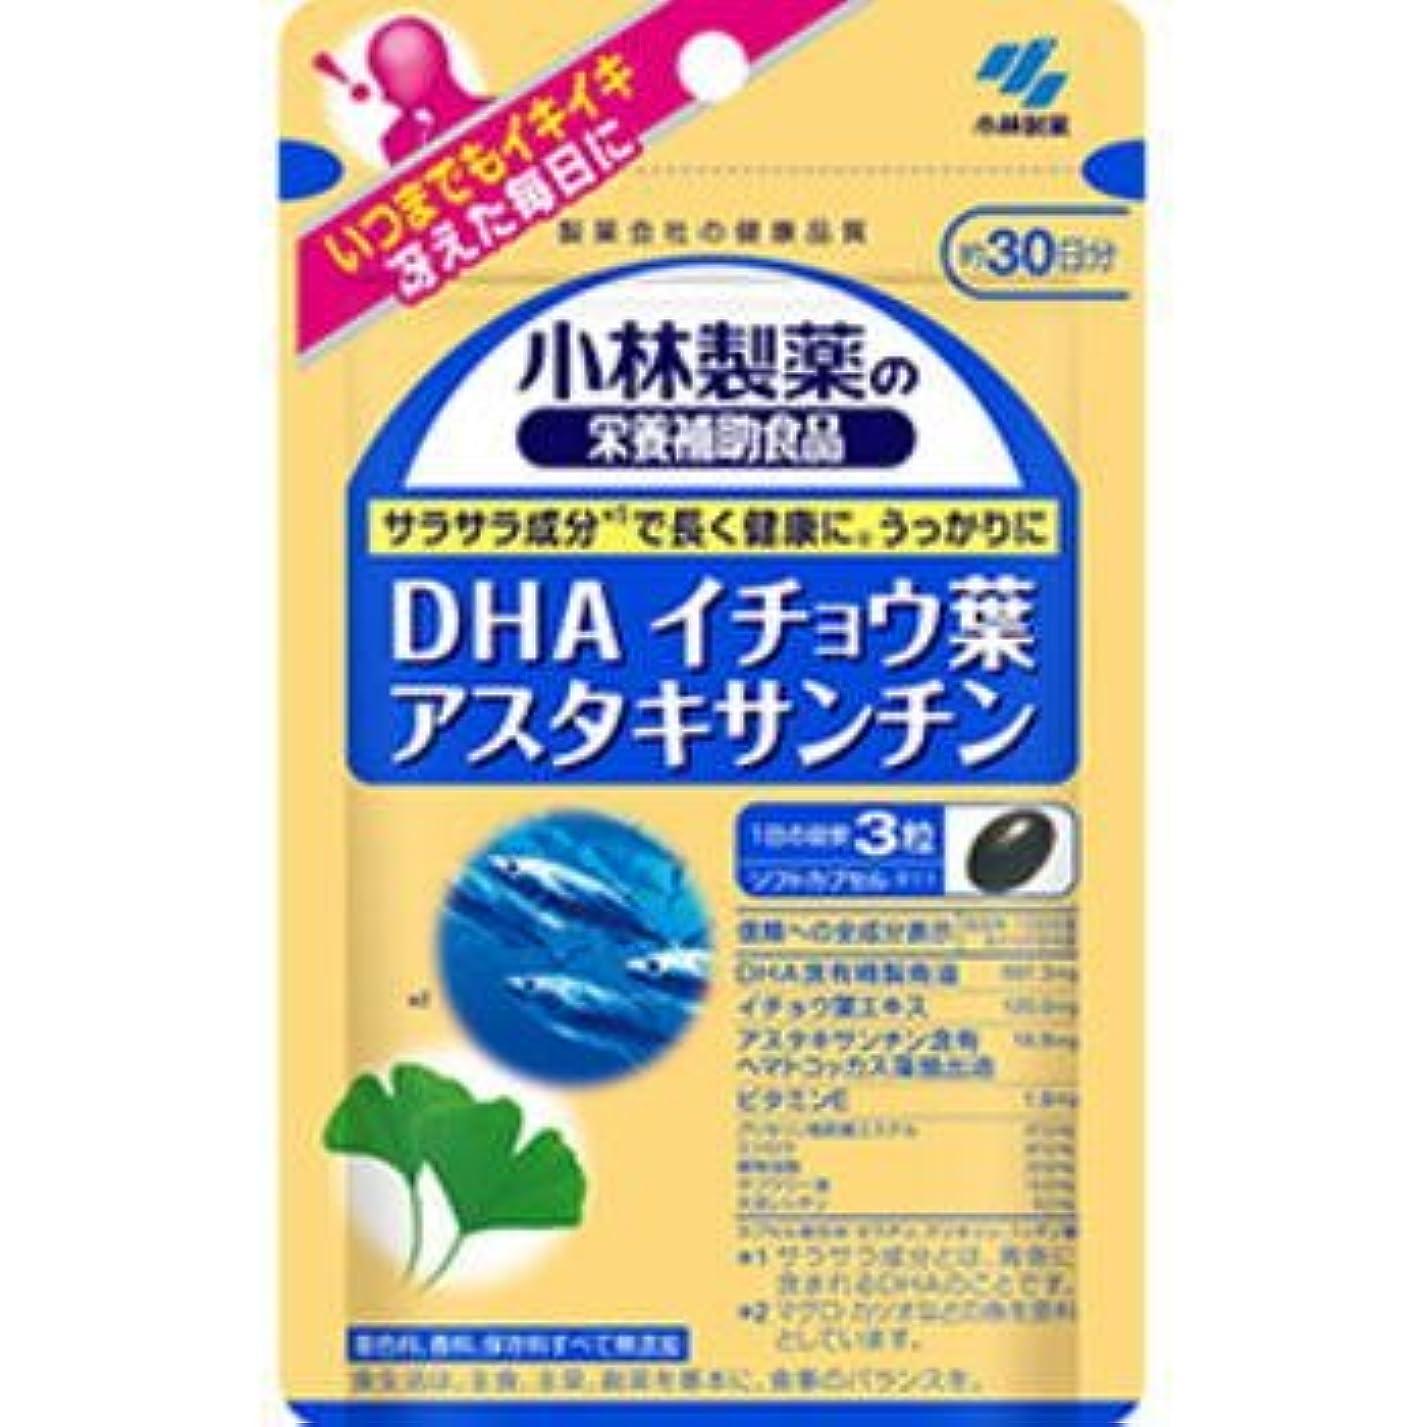 ビット認知証言小林製薬 DHA イチョウ葉 アスタキサンチン 90粒×6個セット